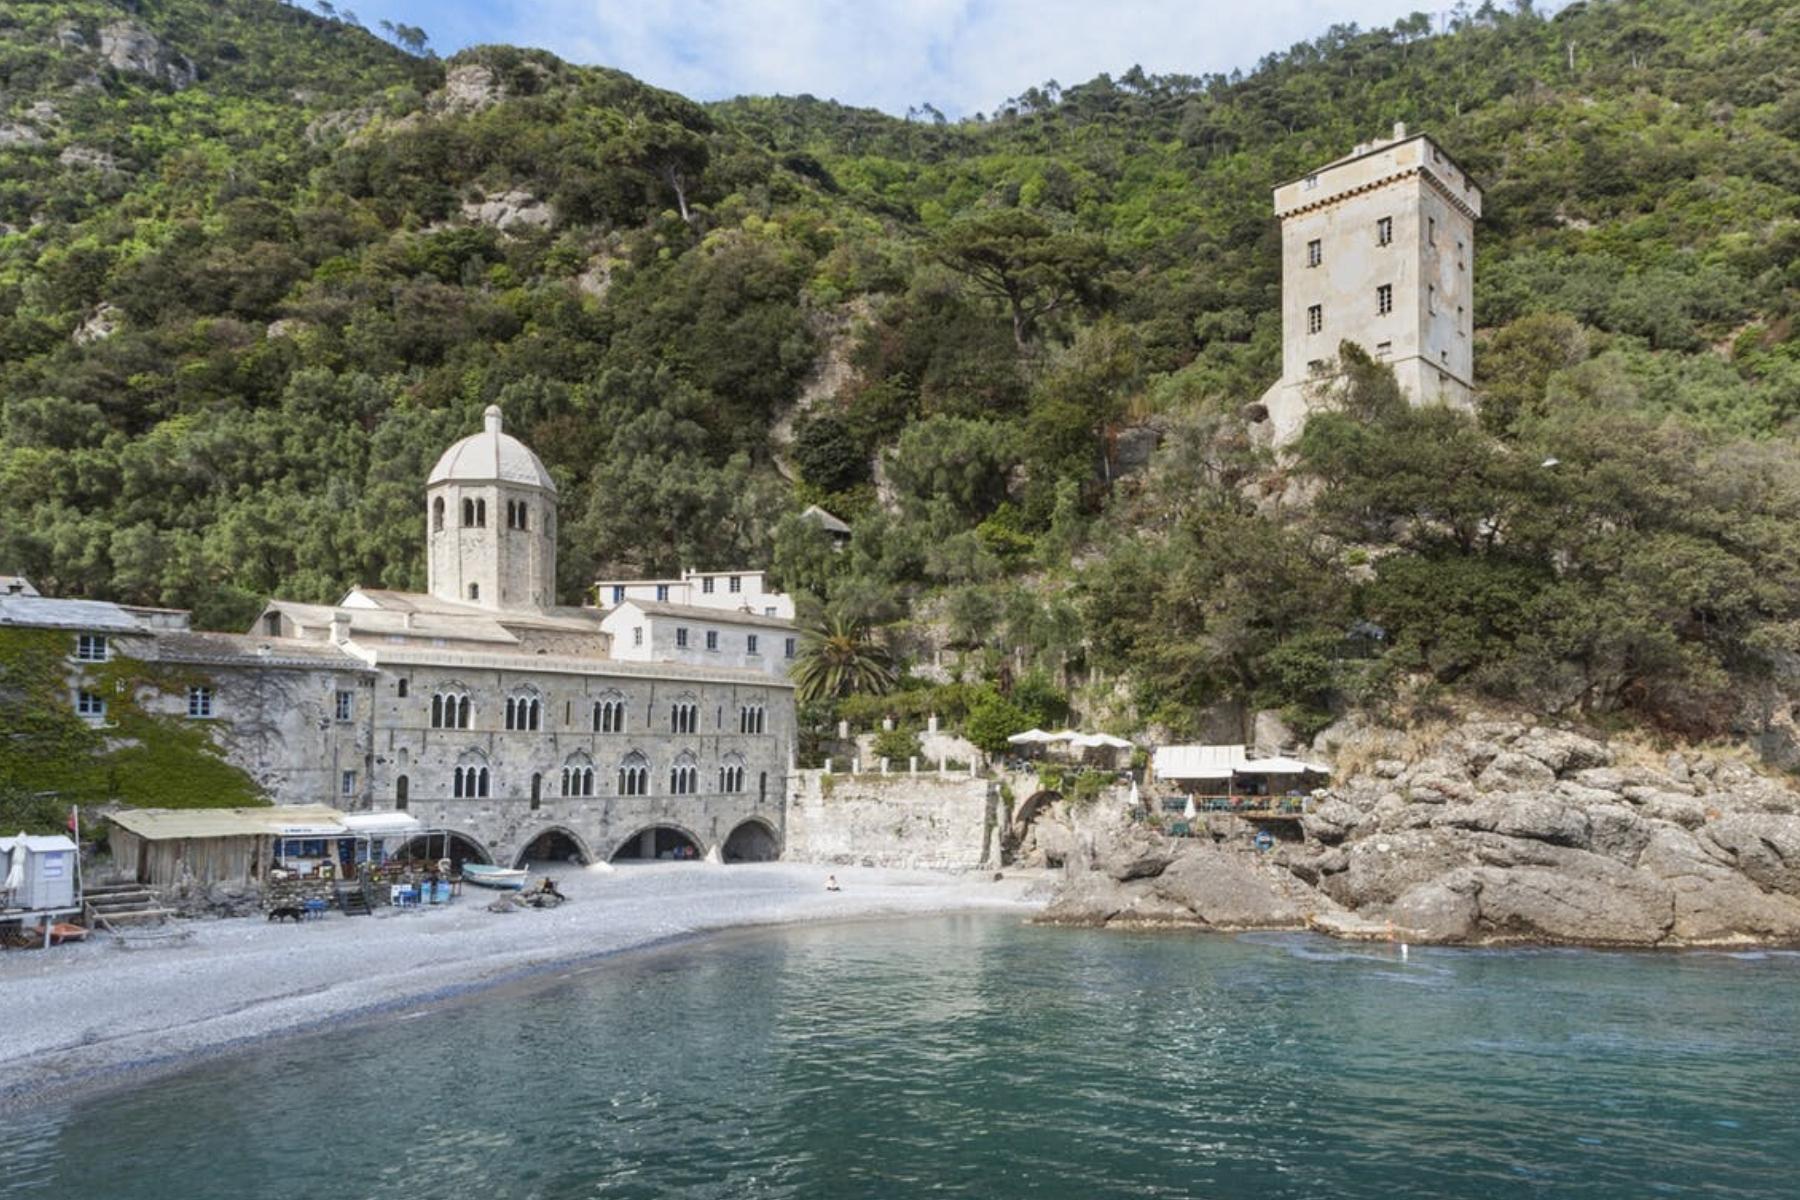 Viaggio a Genova e Abbazia di San Fruttuoso